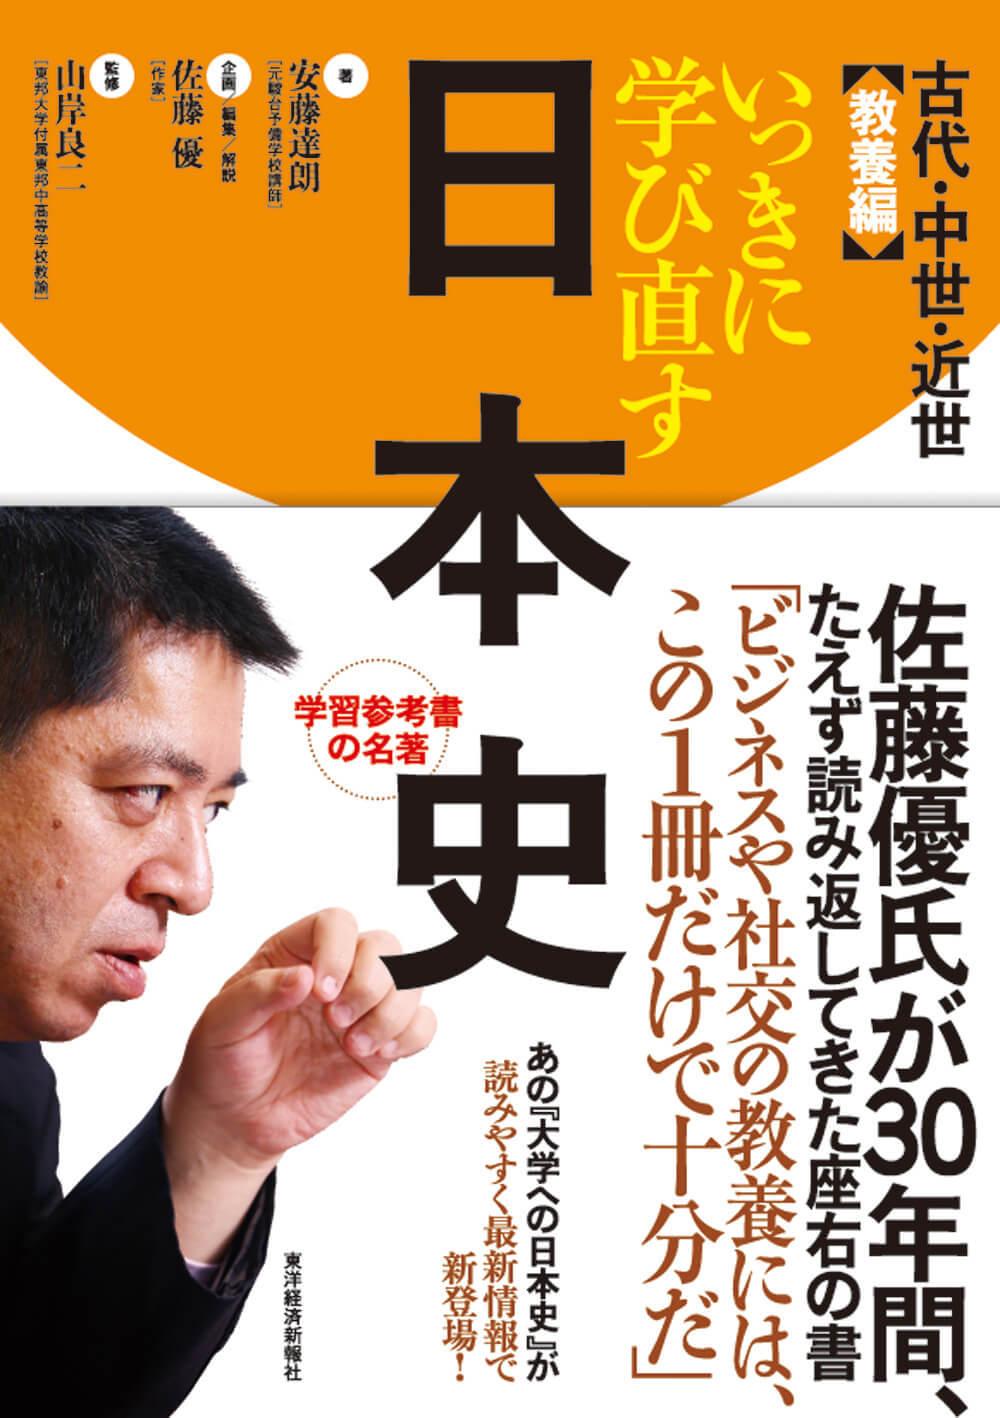 いっきに学び直す日本史